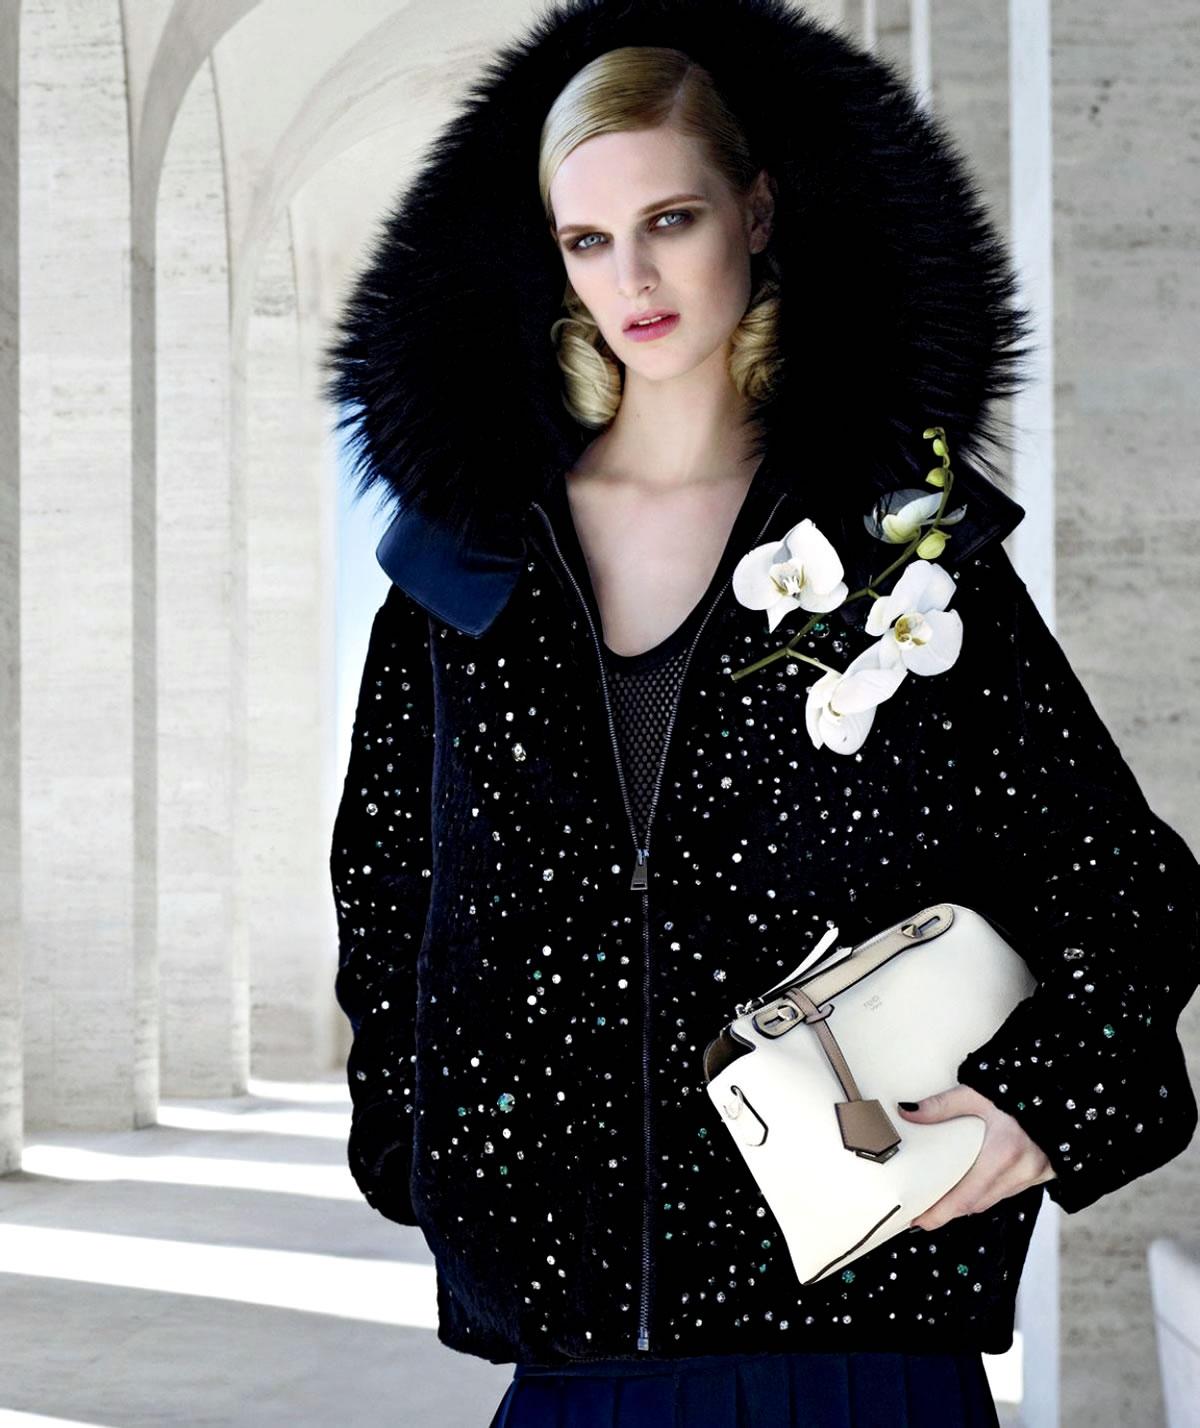 Haute Fourrure: Koleksi Perpaduan Couture dan Fur